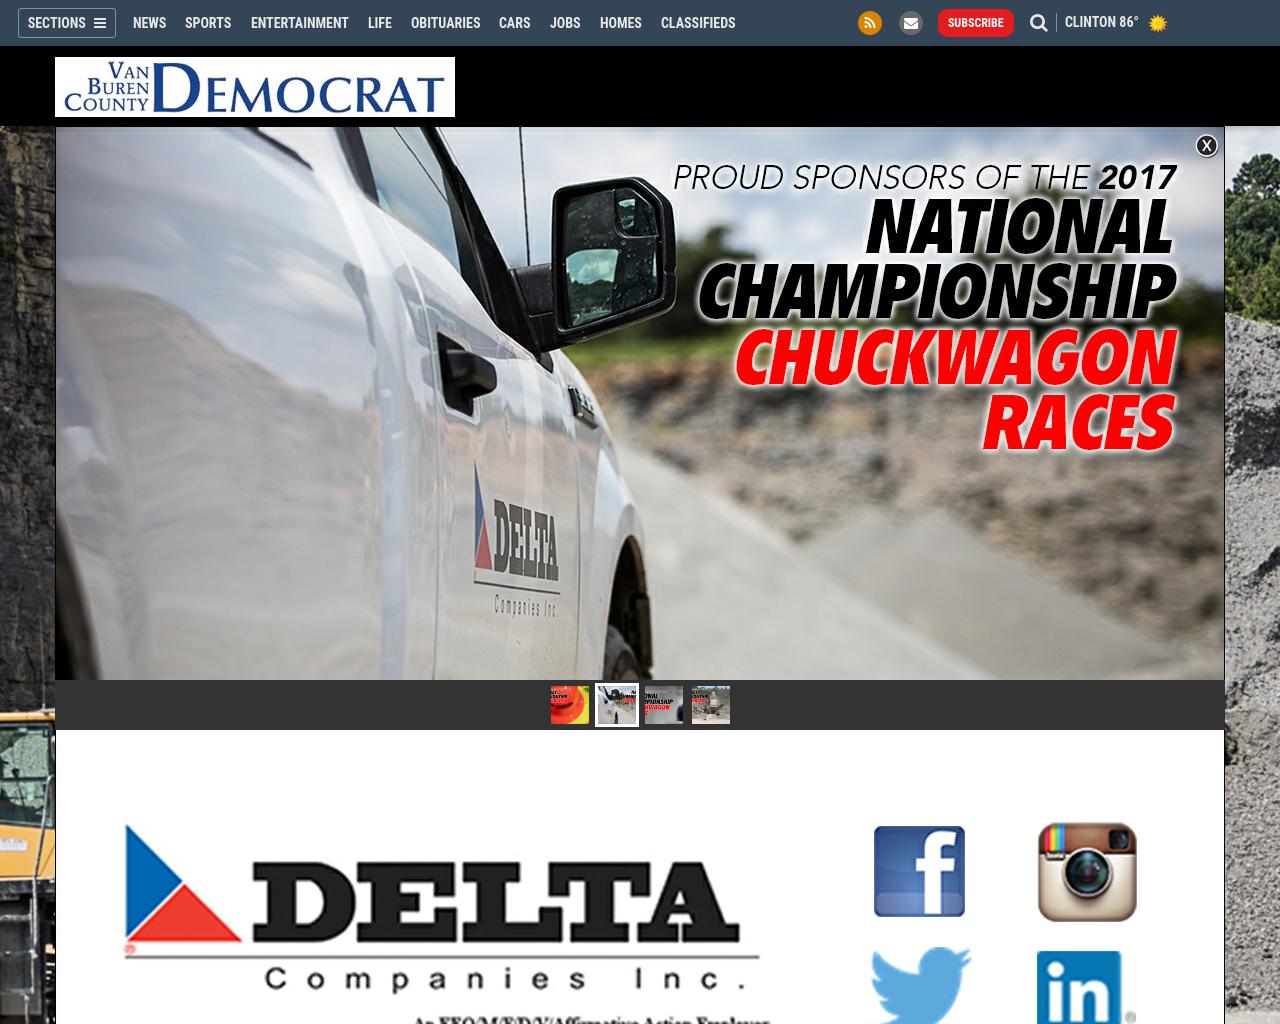 Van-Buren-County-Democrat-Advertising-Reviews-Pricing